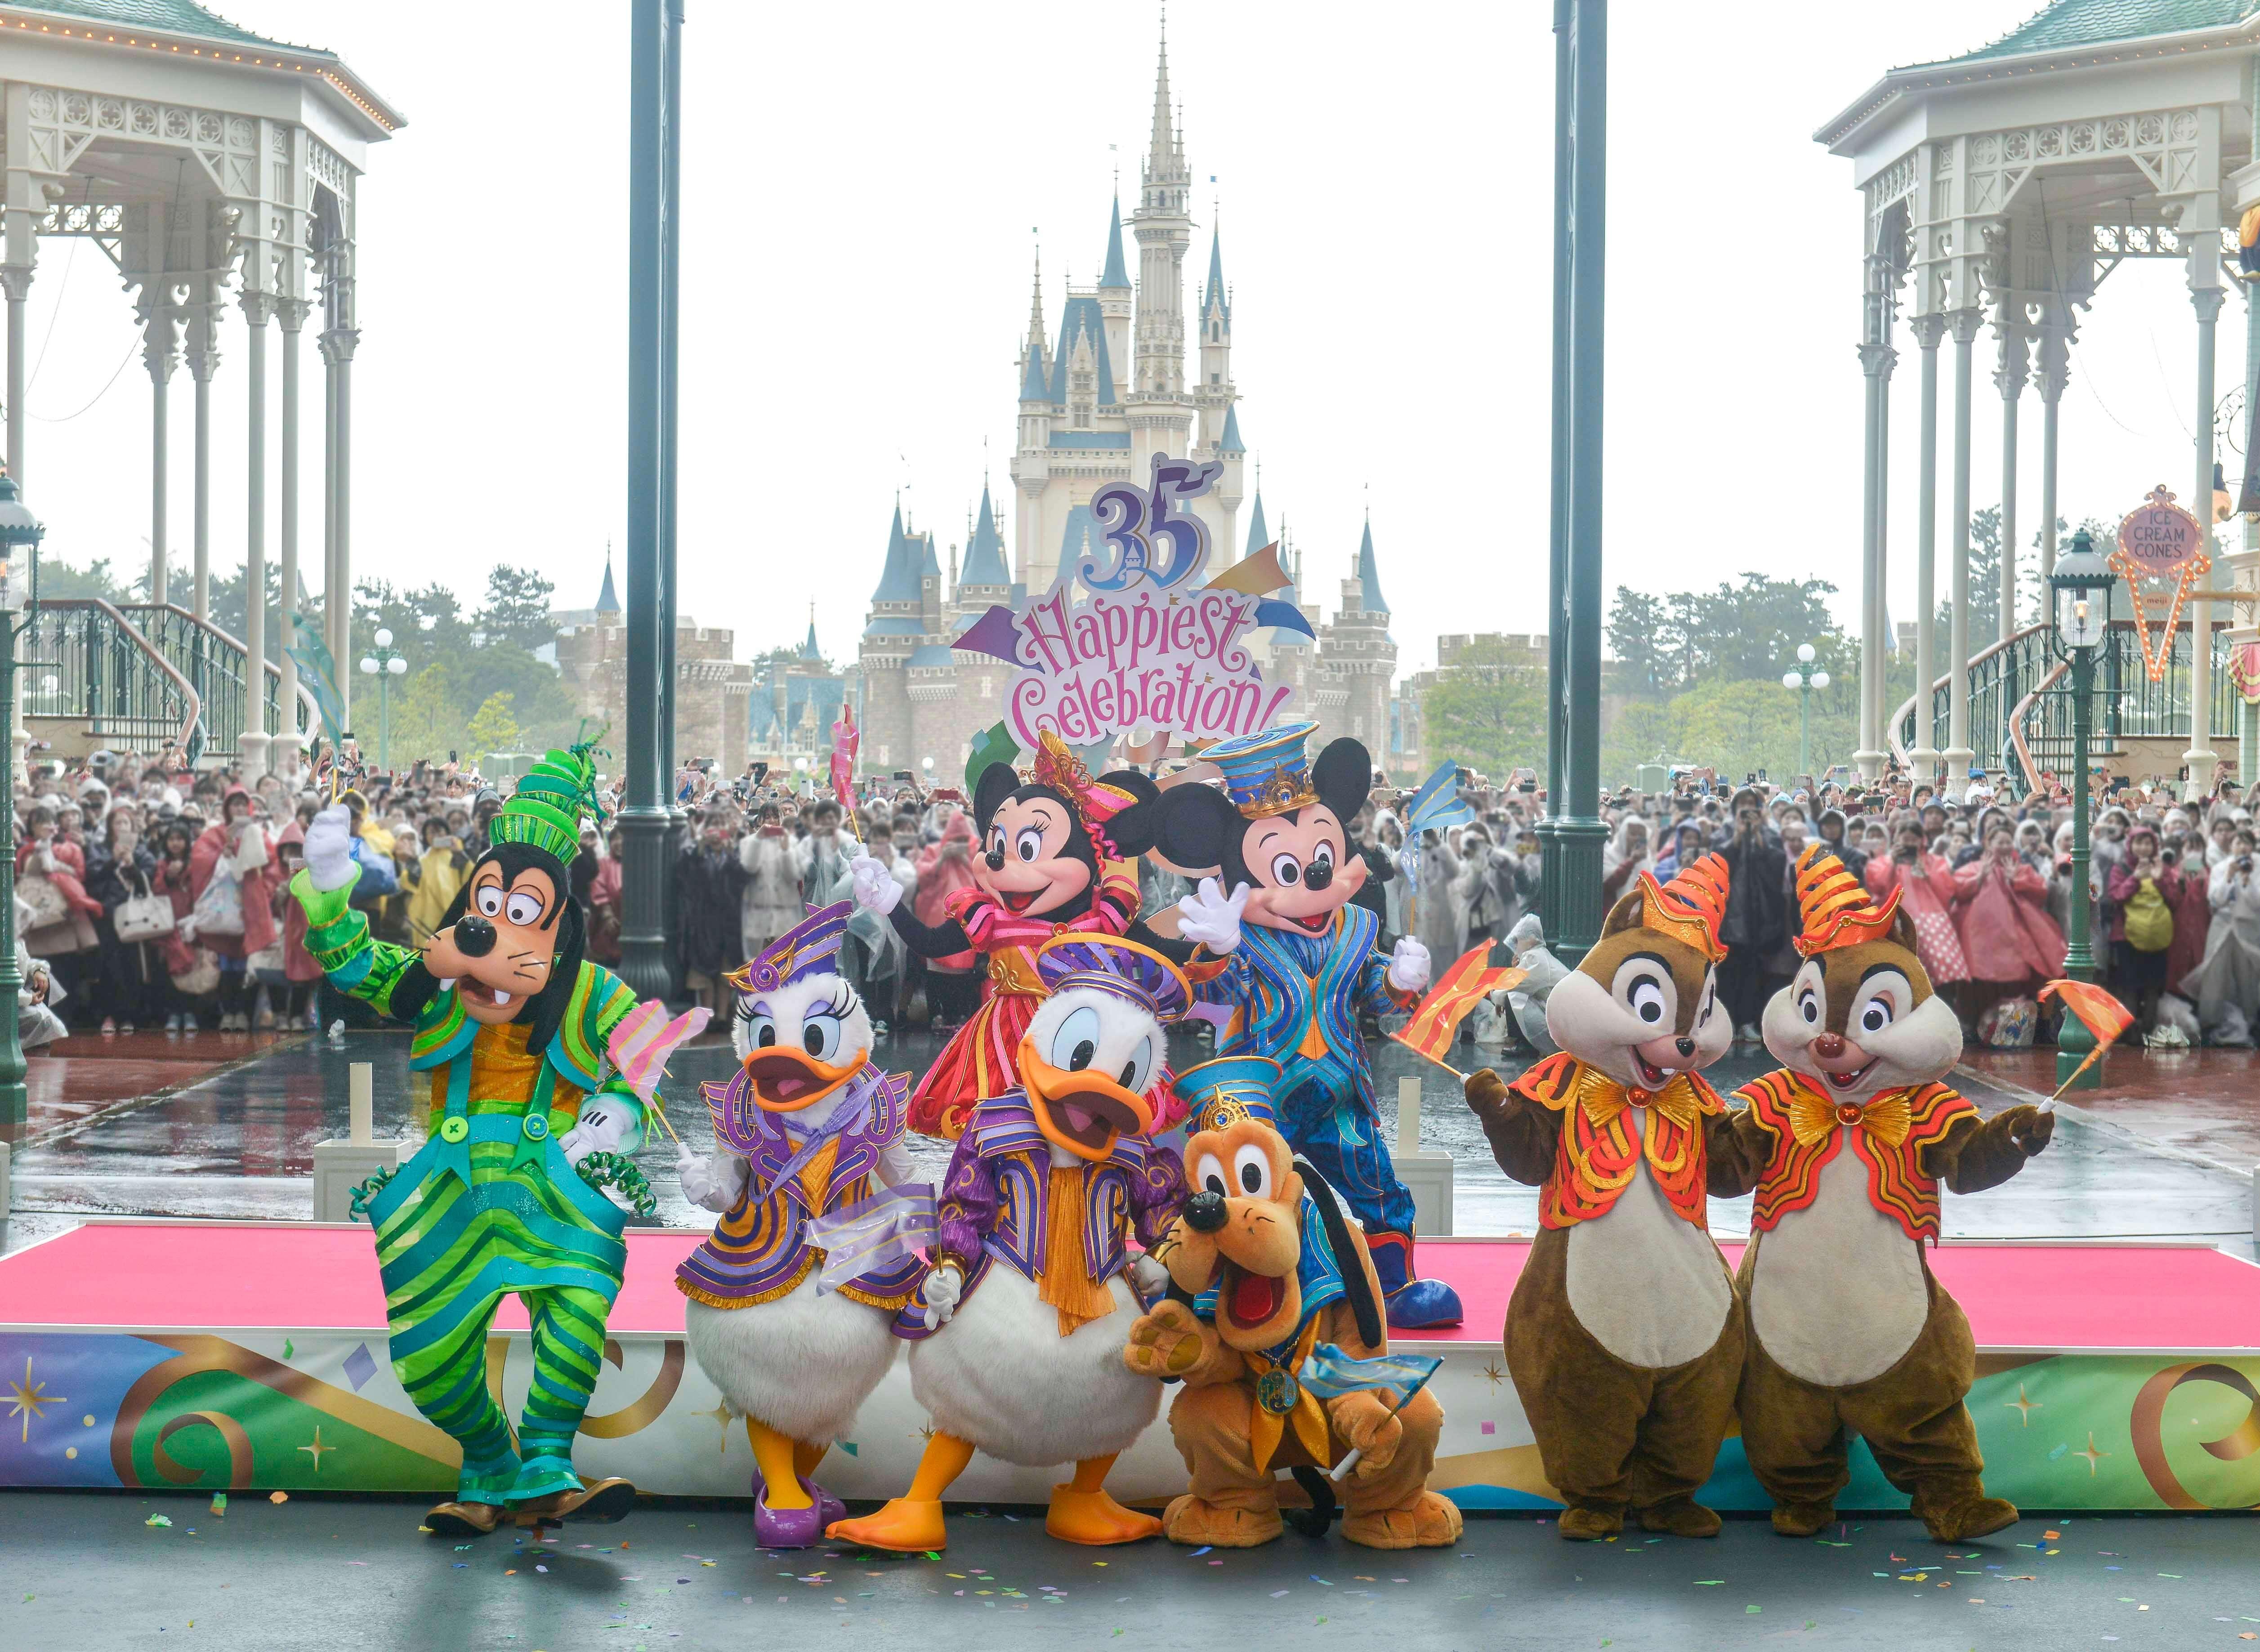 """「東京迪士尼度假區 35週年""""Happiest Celebration!""""」拉開序幕 在東京、東京迪士尼度、東京迪士尼樂園、"""